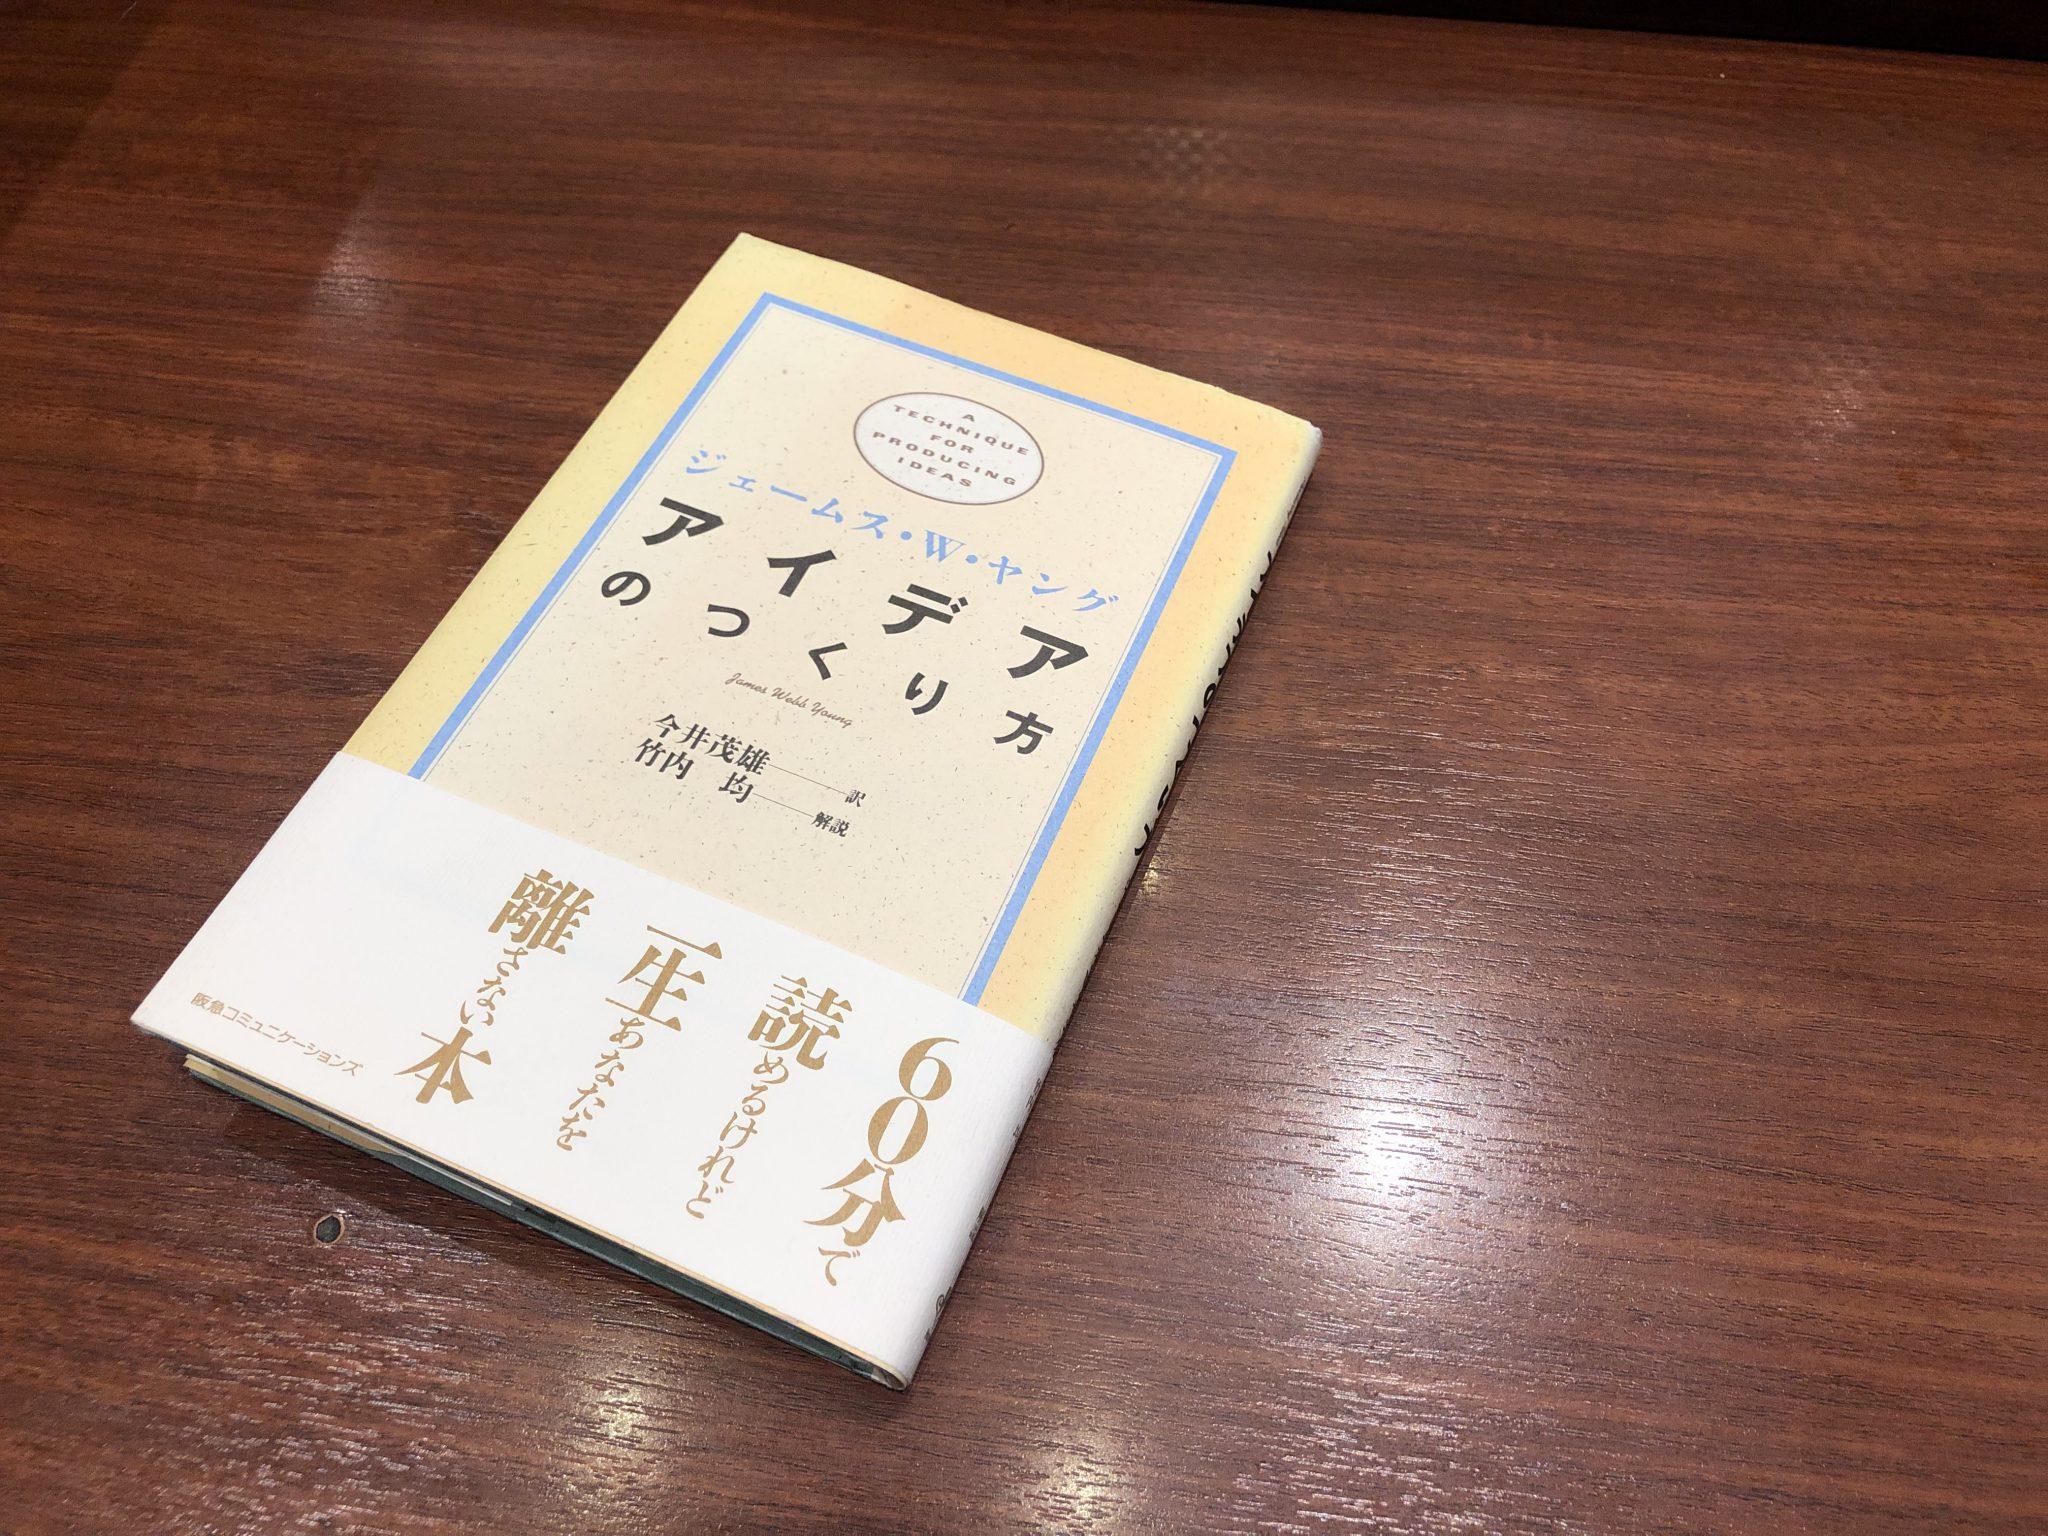 アイデアのつくり方~アイデア発想の道しるべは、日常の事実をたくさん言語化し、それを小説のように読んでみること。